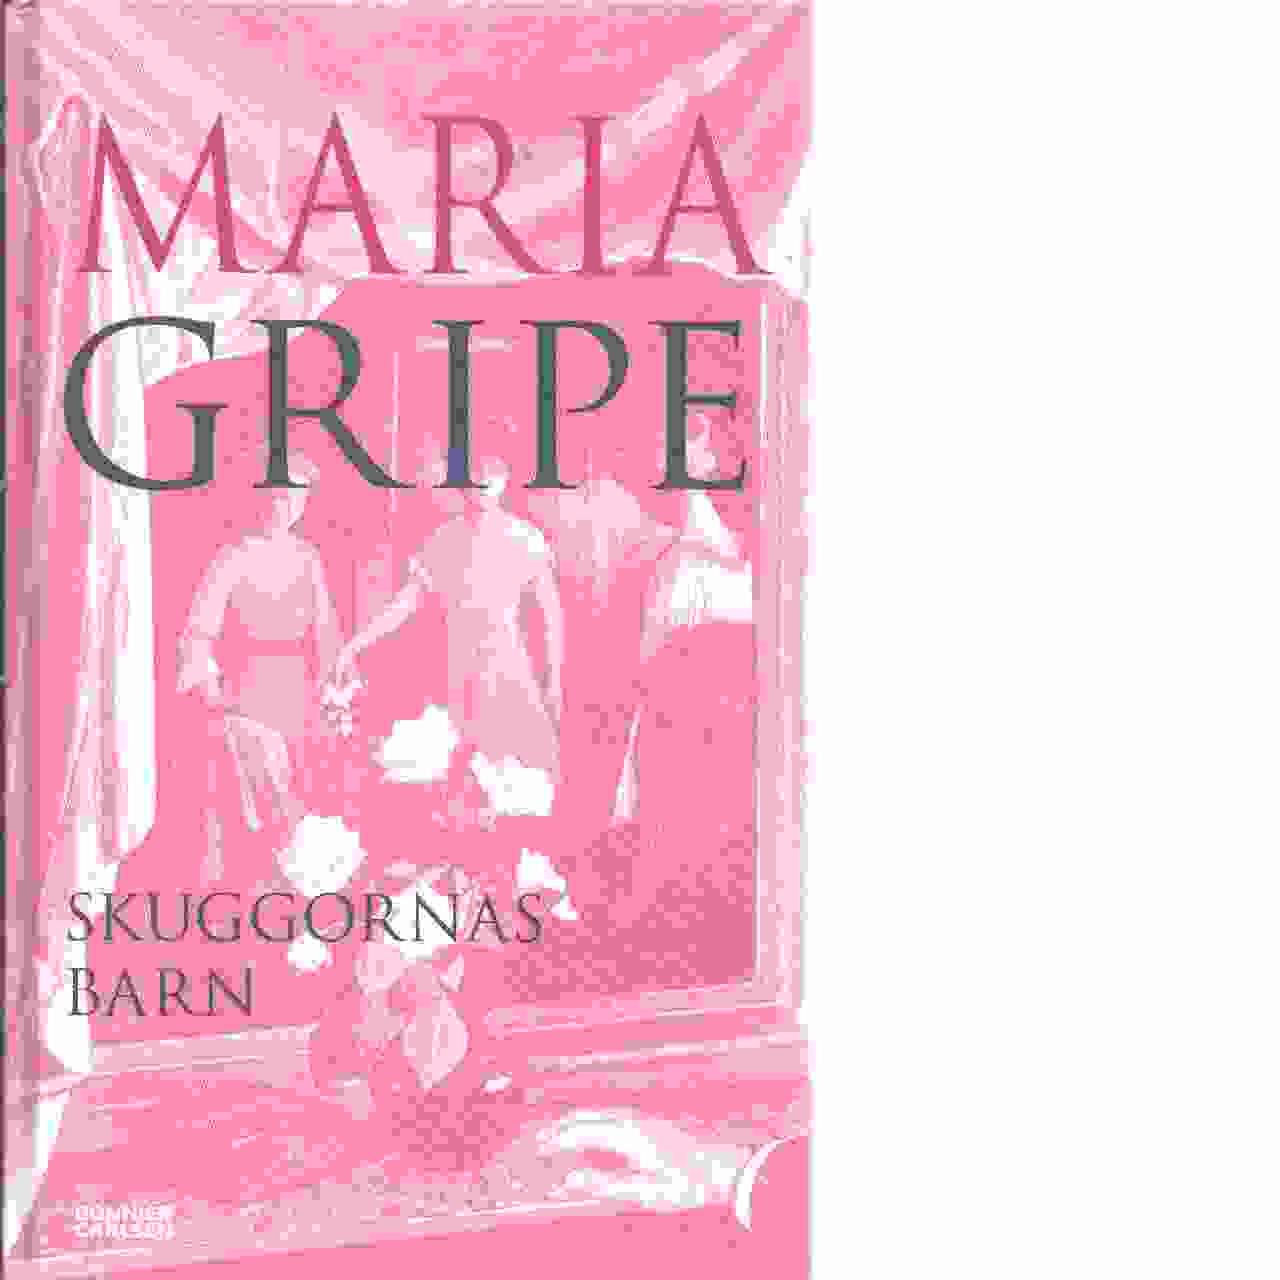 Skuggornas barn - Gripe, Maria